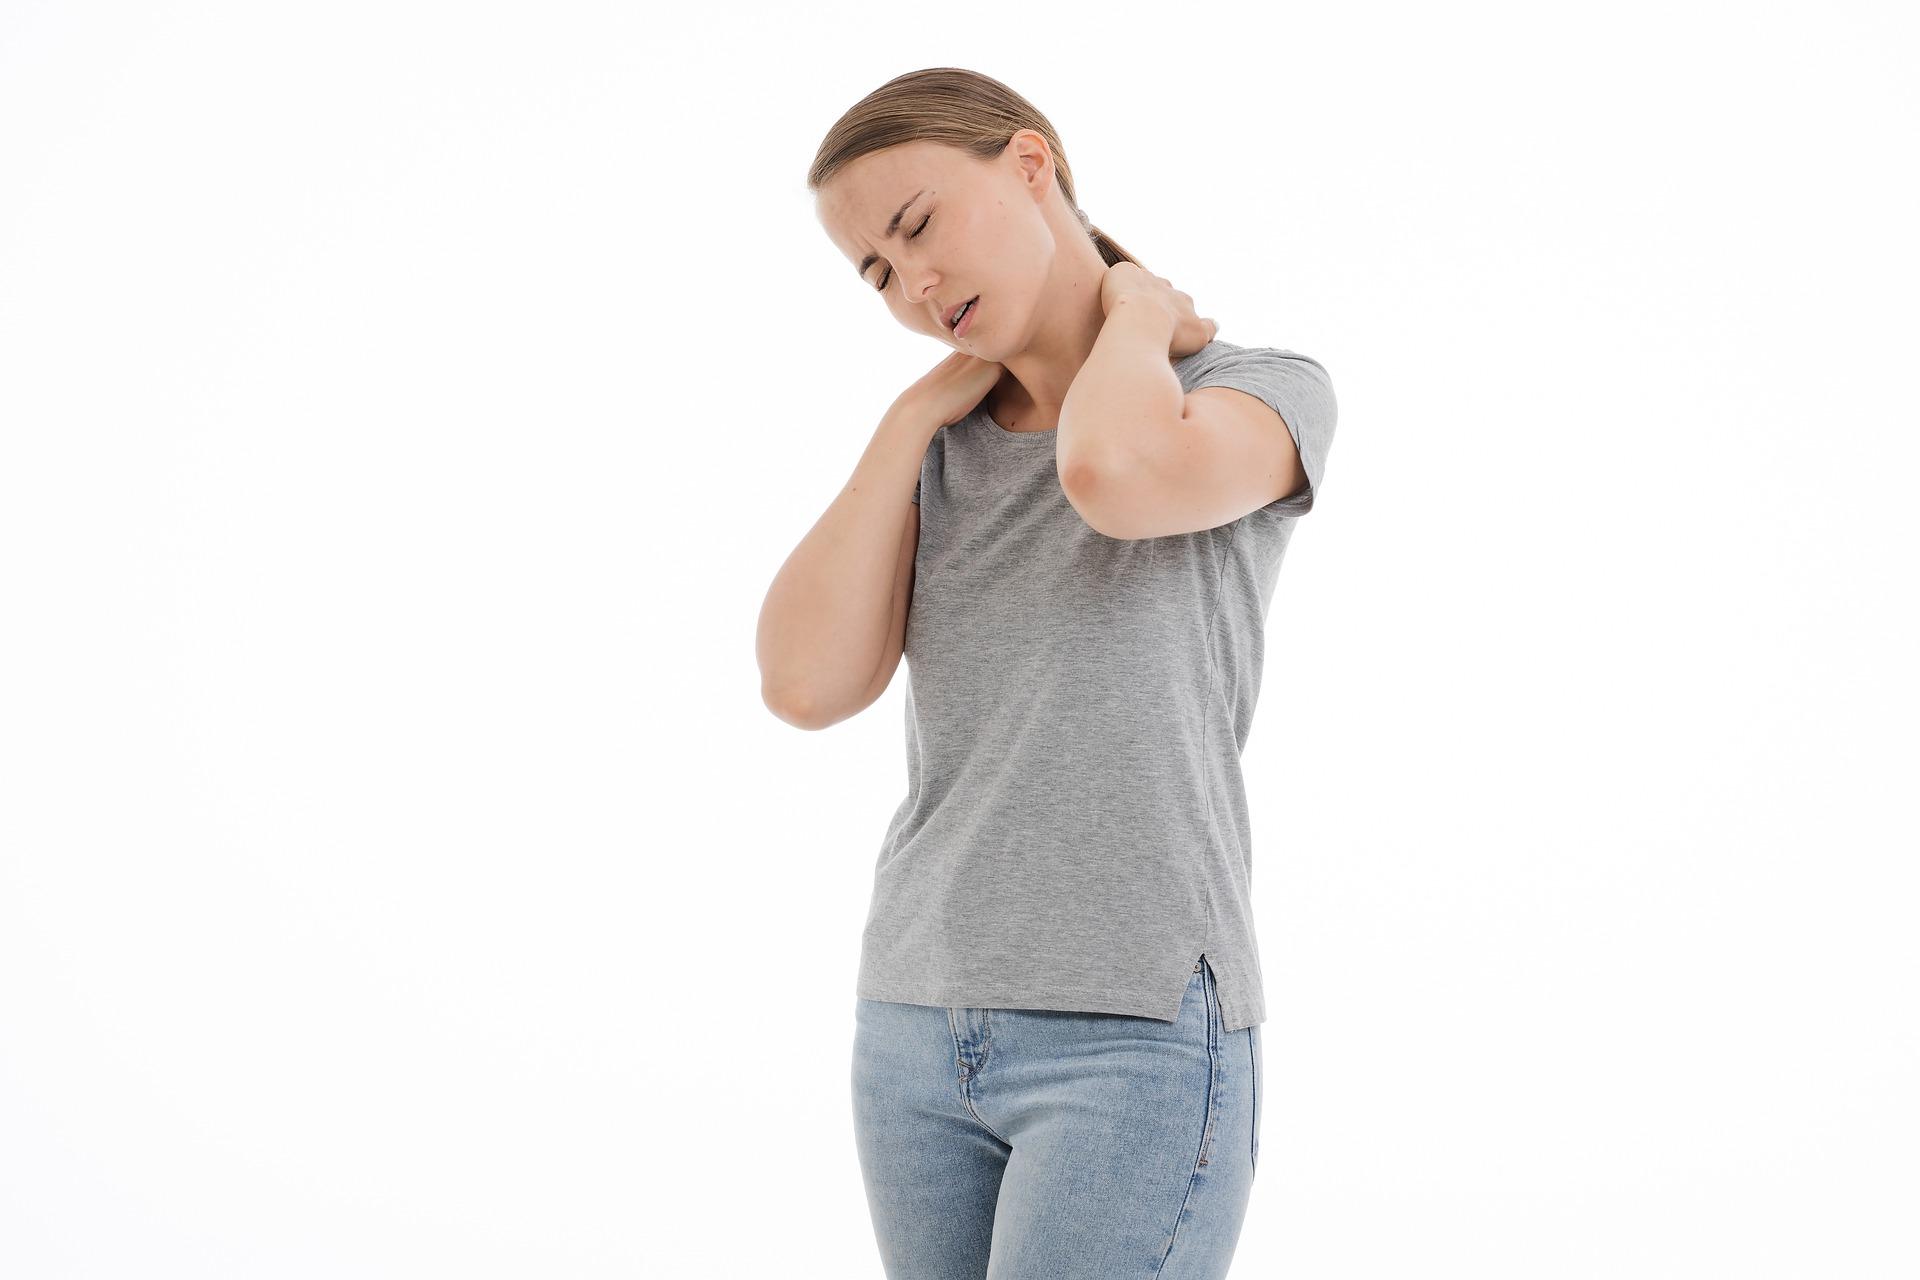 Sådan forebygger du skader og ømme muskler